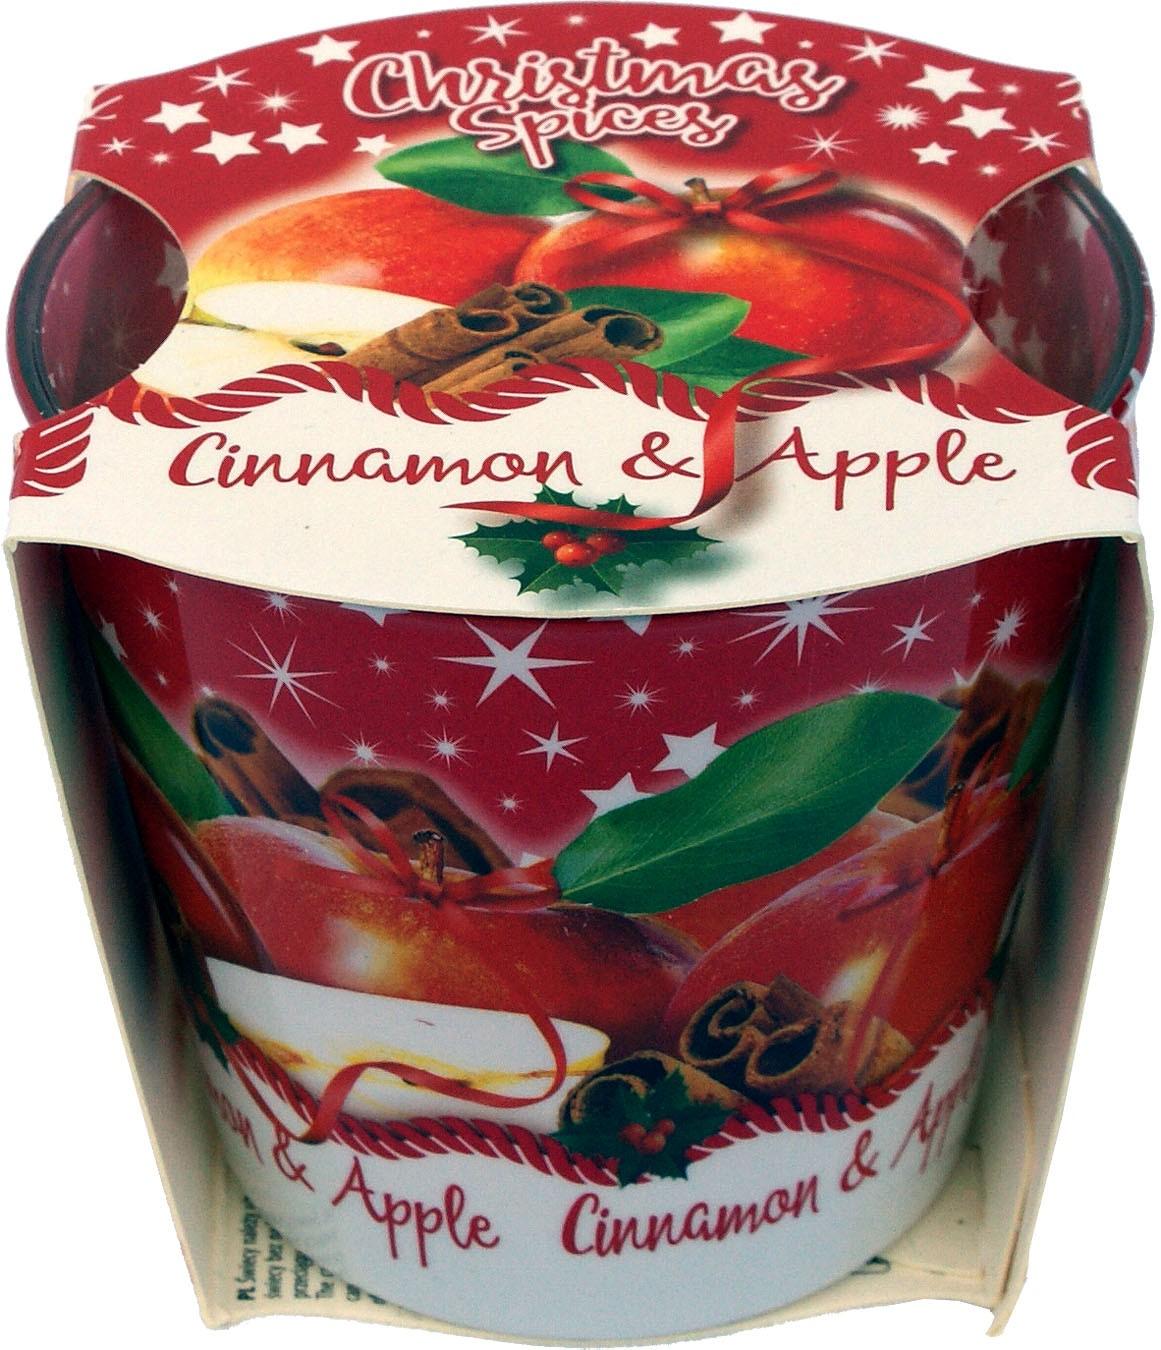 Knox Duftkerze im Glas Christmas Spices - Zimt/Apfel